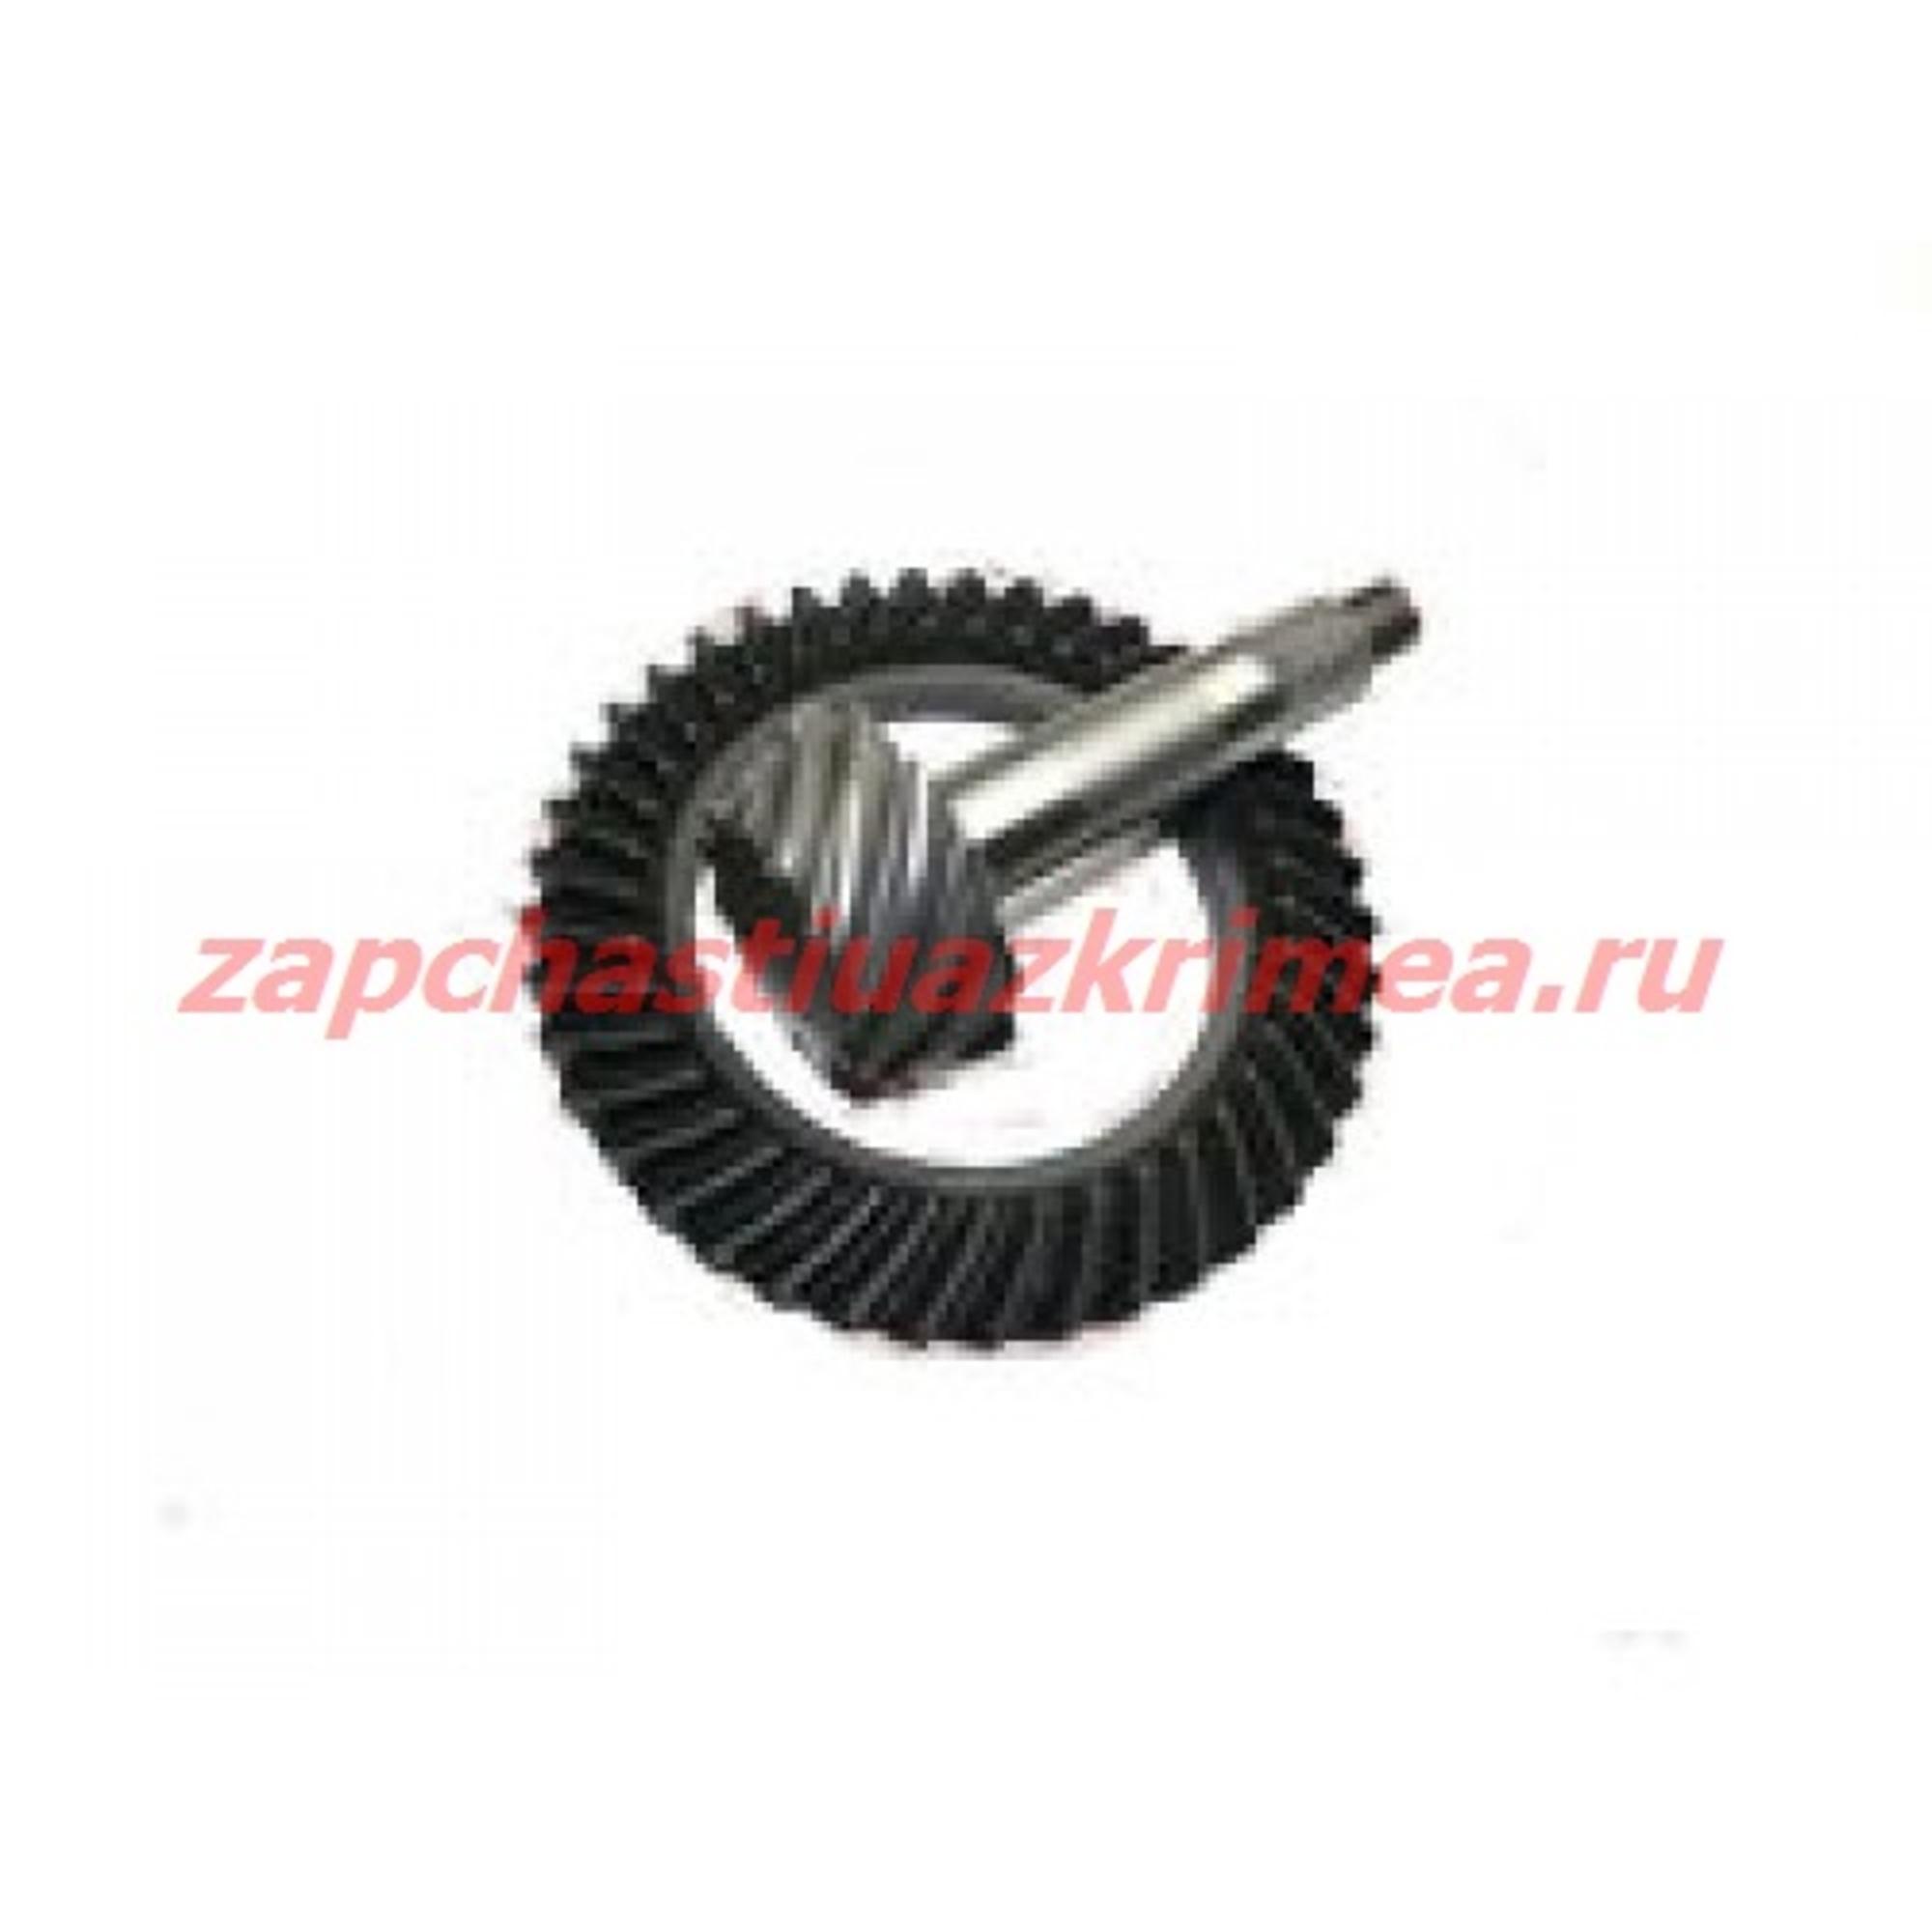 Главная пара 37/8 УАЗ-Хантер, Патриот (Motive Gear) XUP80462